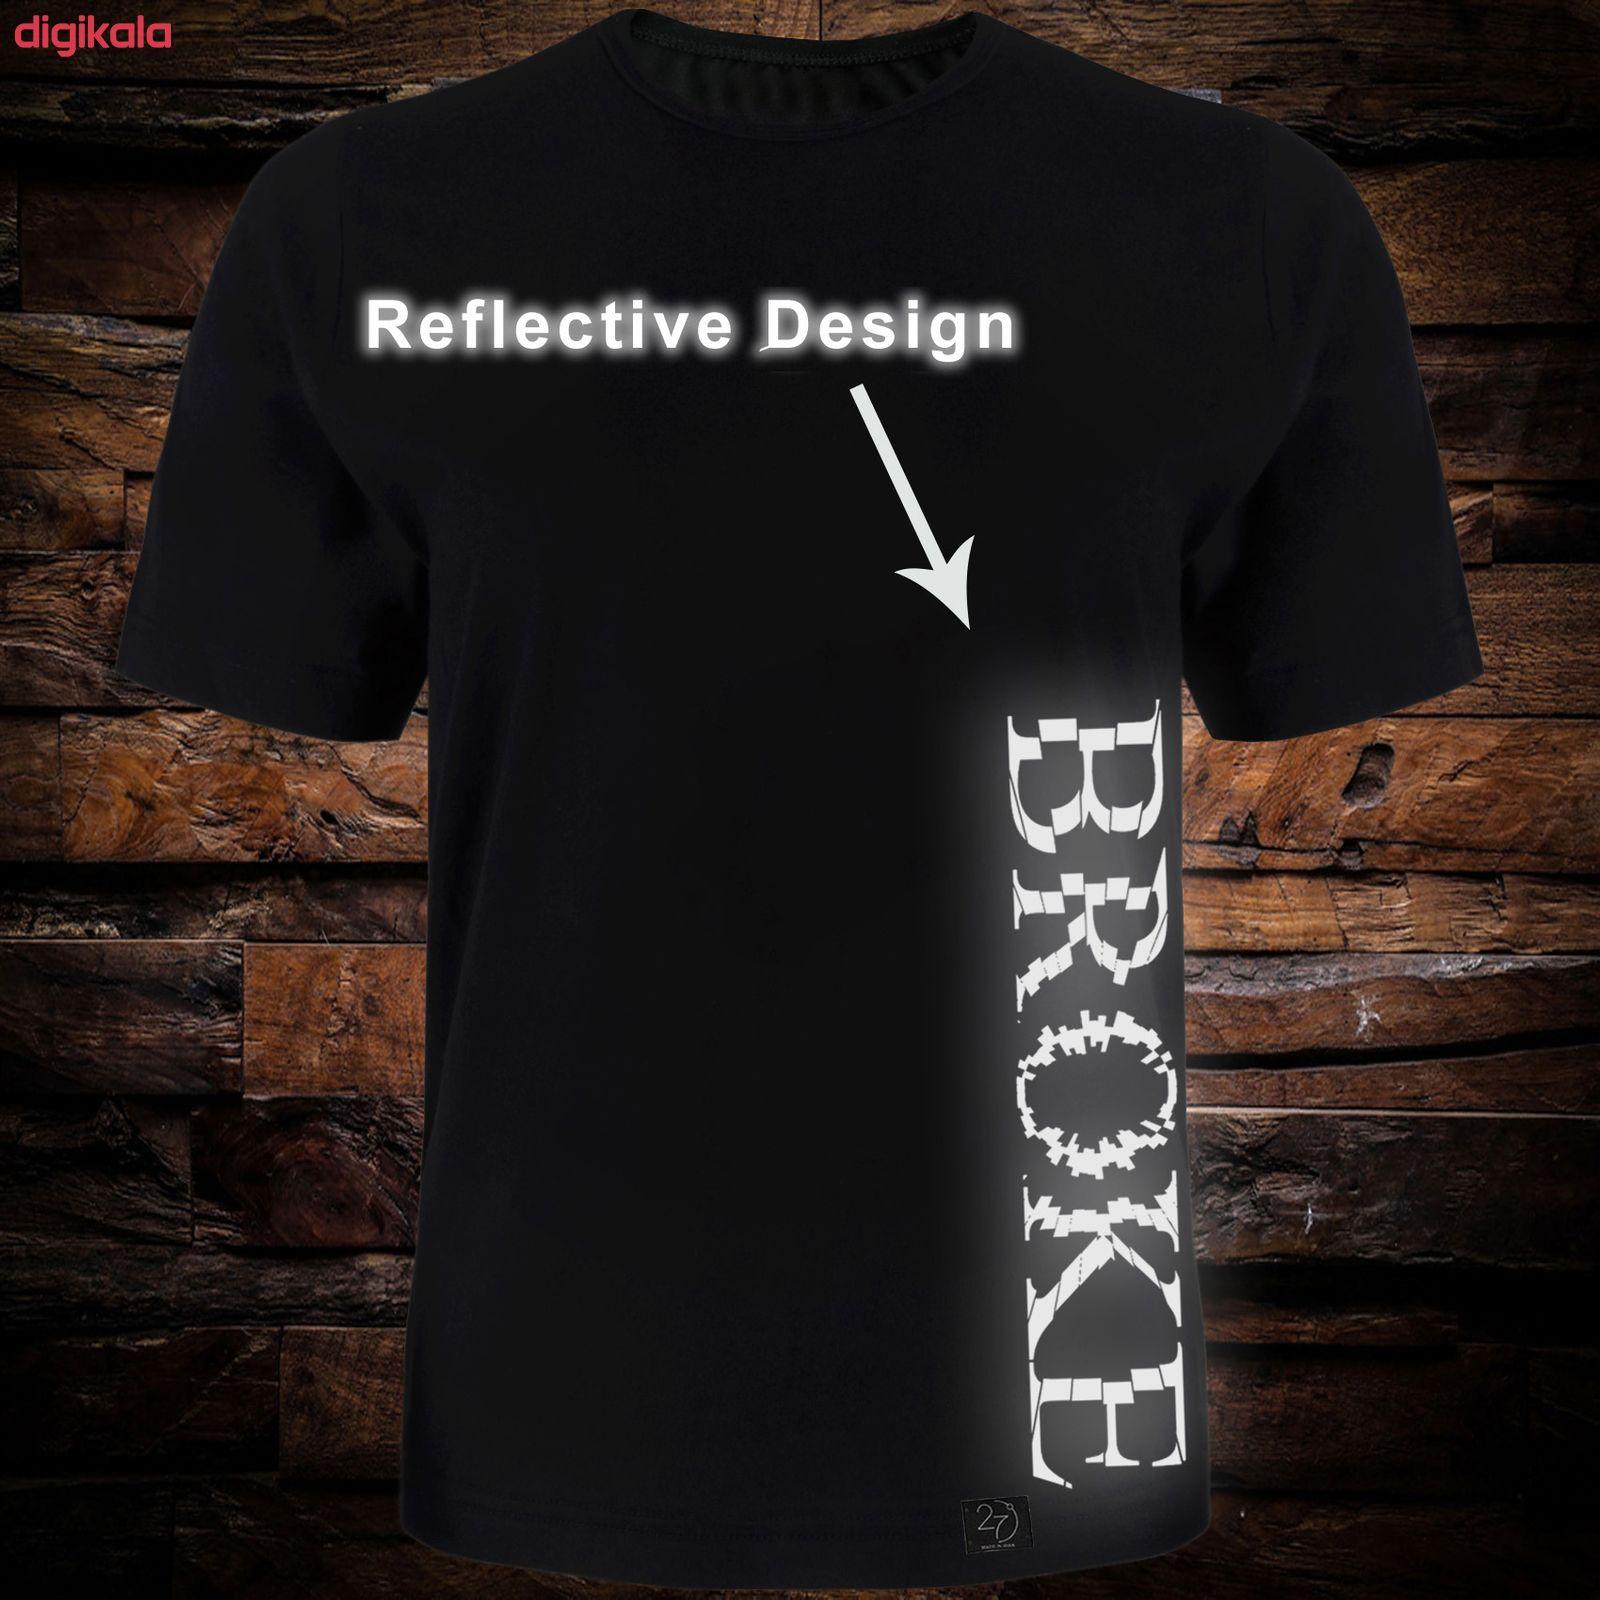 تی شرت آستین کوتاه مردانه طرح Broke کد TR10 رنگ مشکی main 1 1